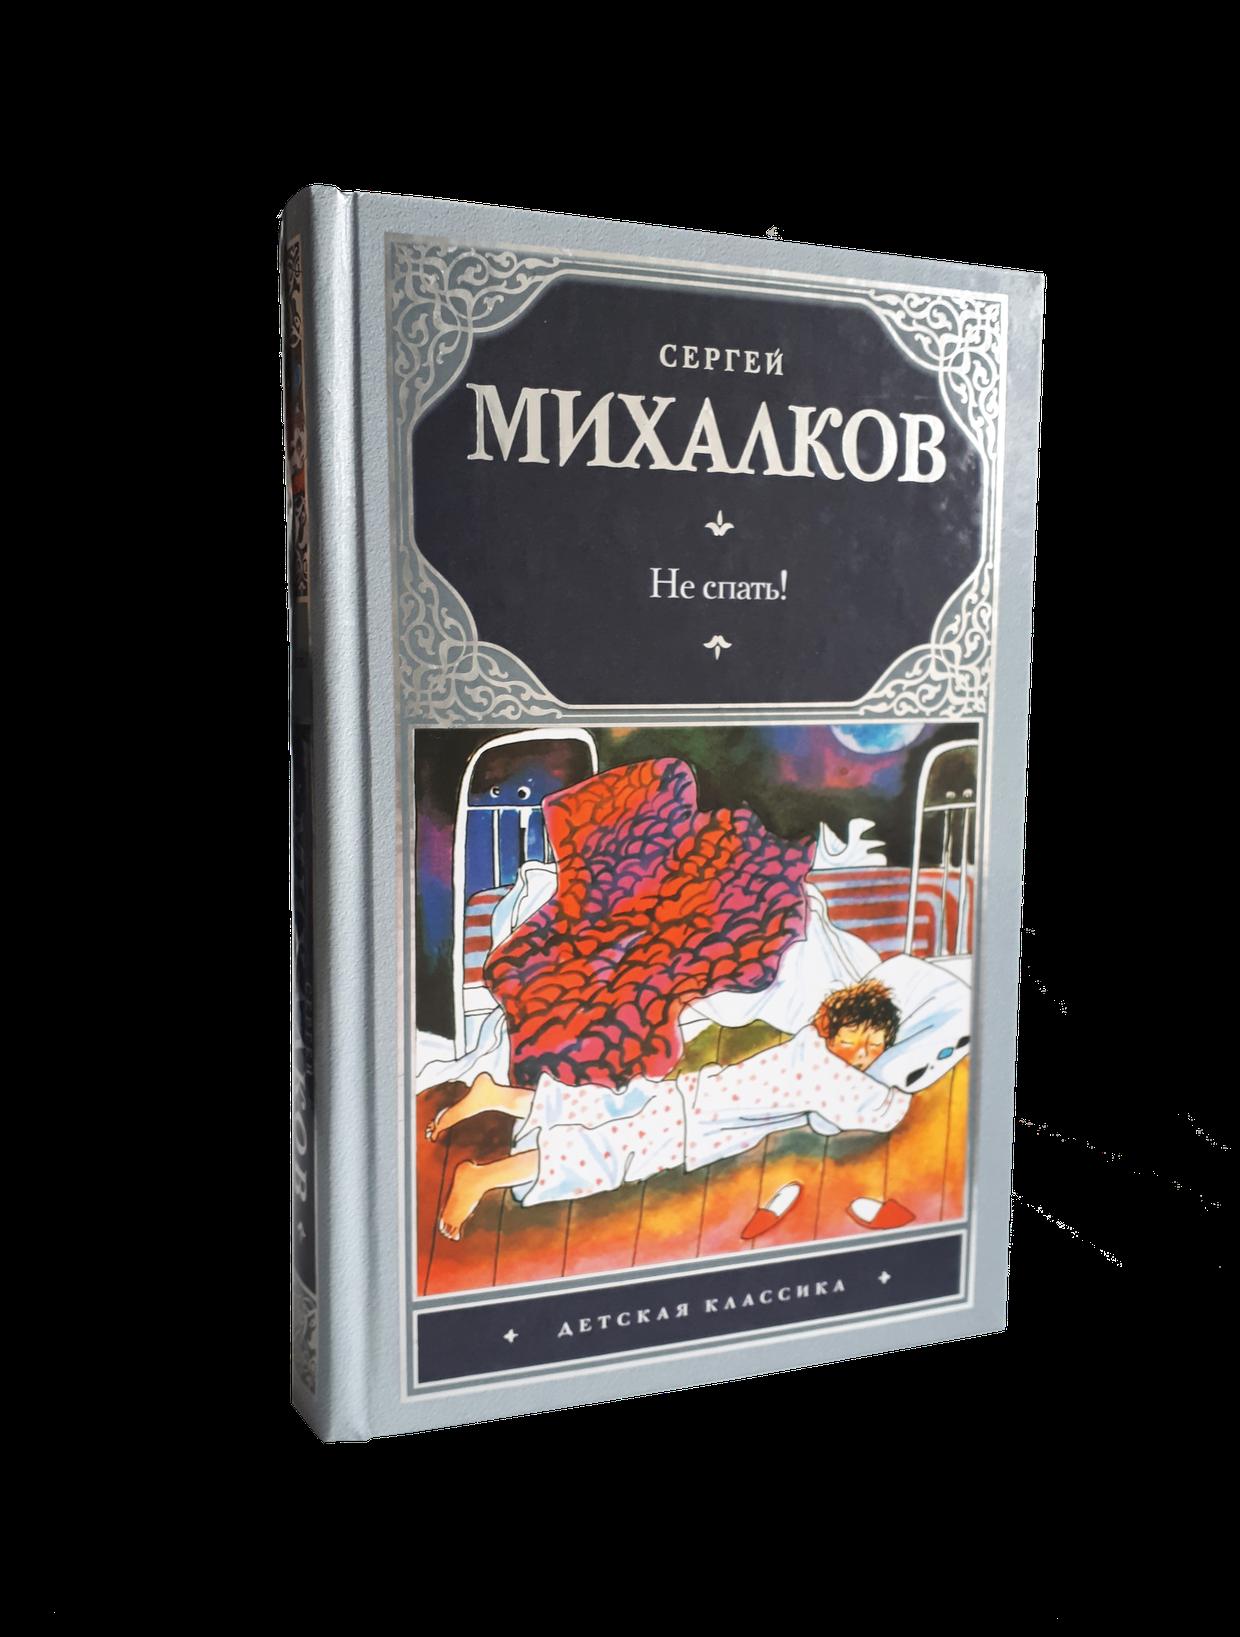 Весёлые герои Сергея Михалкова